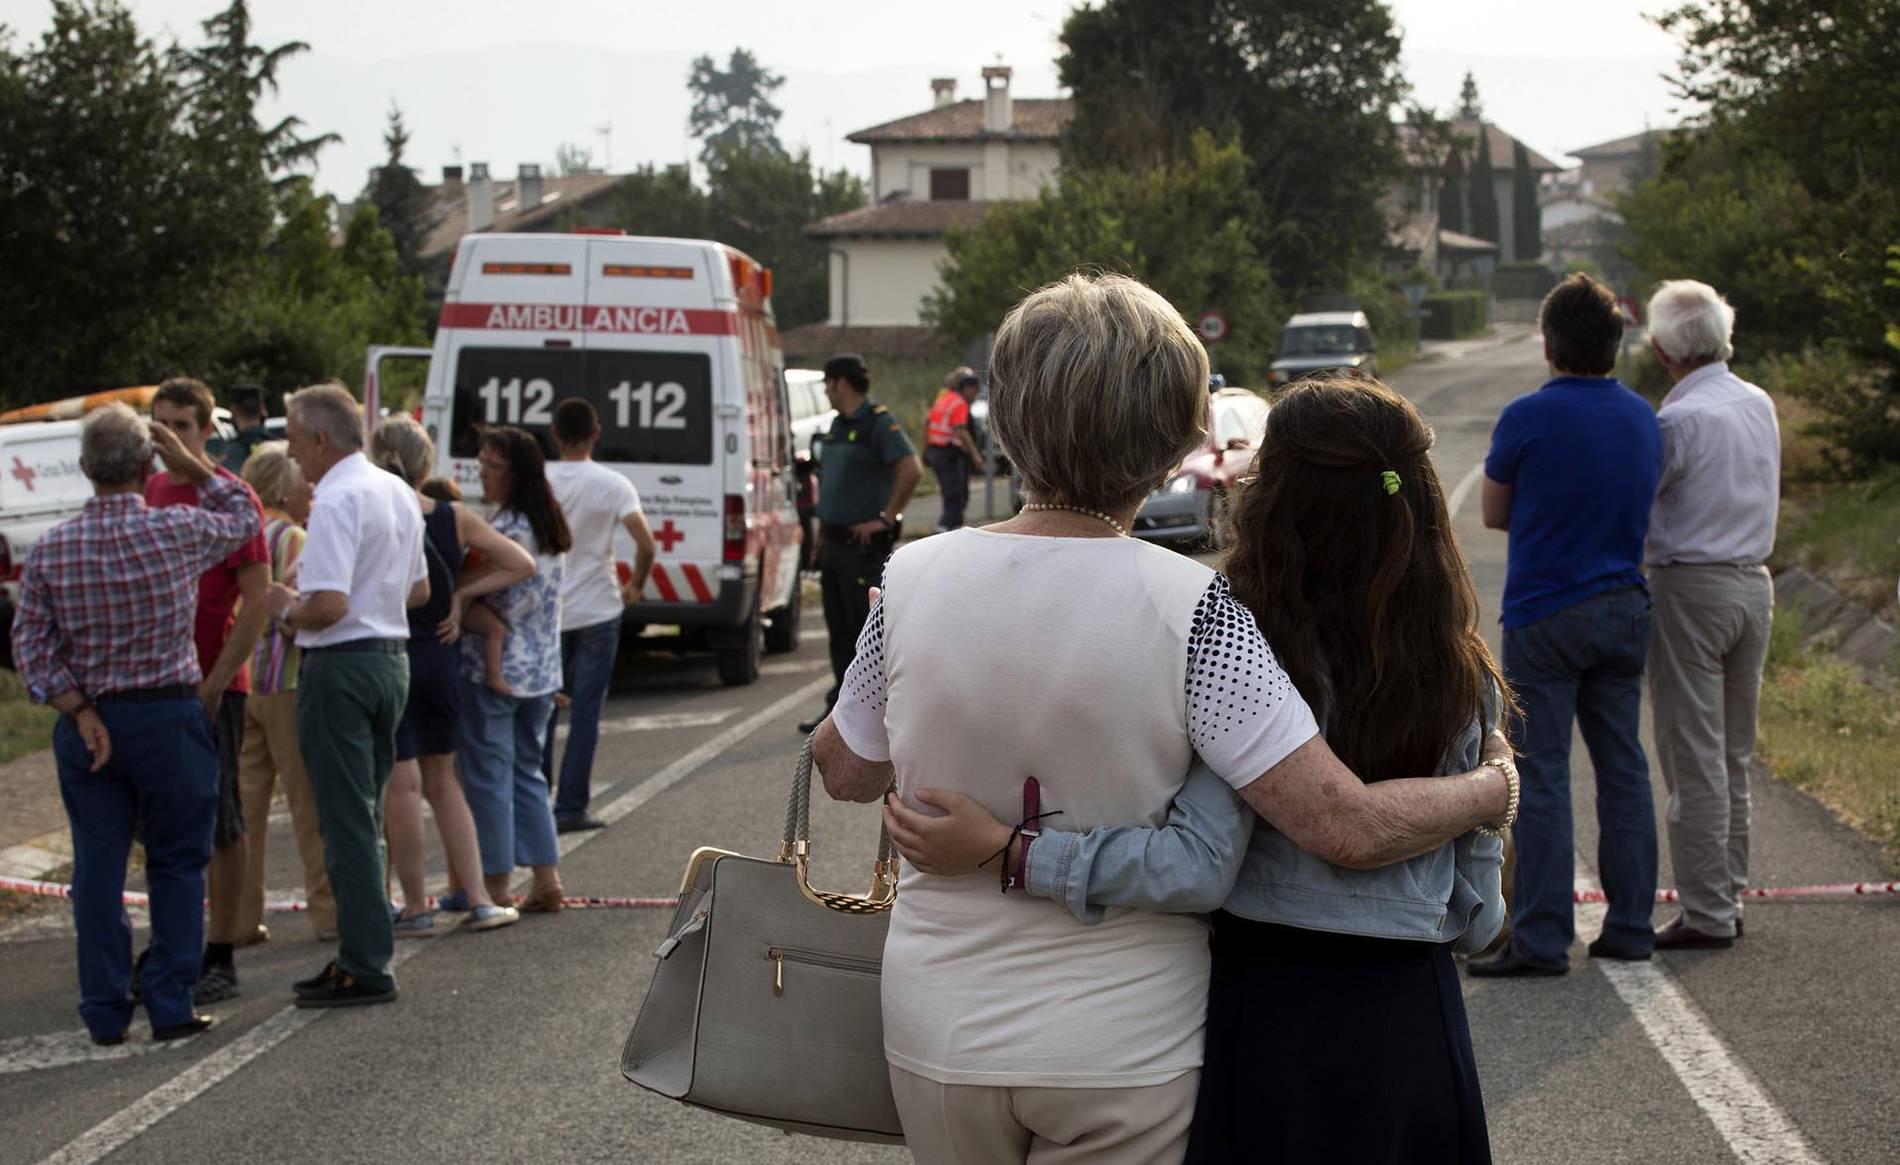 Incendios en Esparza de Galar, Arazuri y Artajona (1/60) - Un incendio se ha registrado este jueves en Esparza de Galar. Un segundo foco ha afectado a Arazuri y un tercero a Artajona. - Navarra -